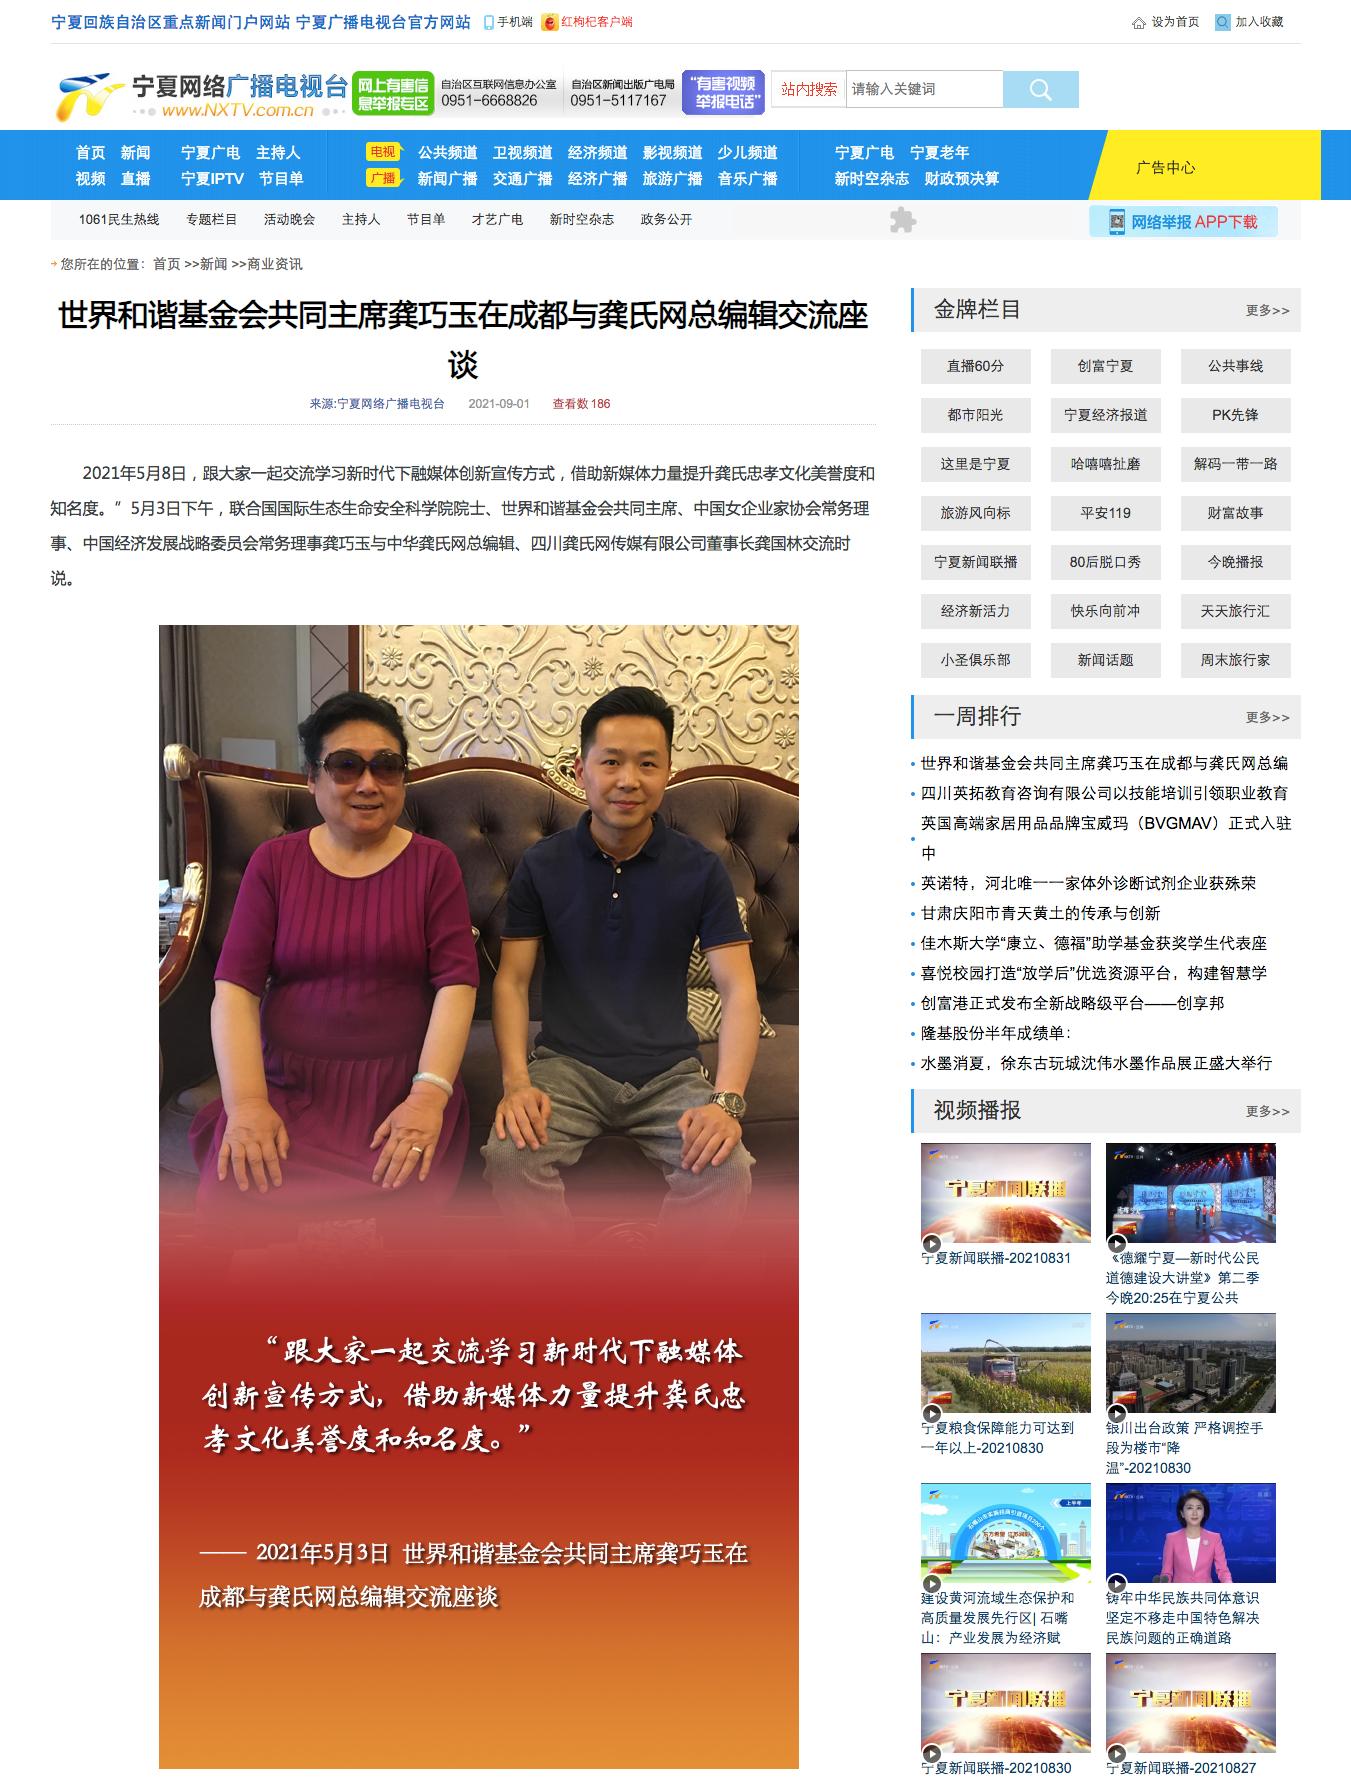 宁夏广播电视台关注中华龚氏网文化建设